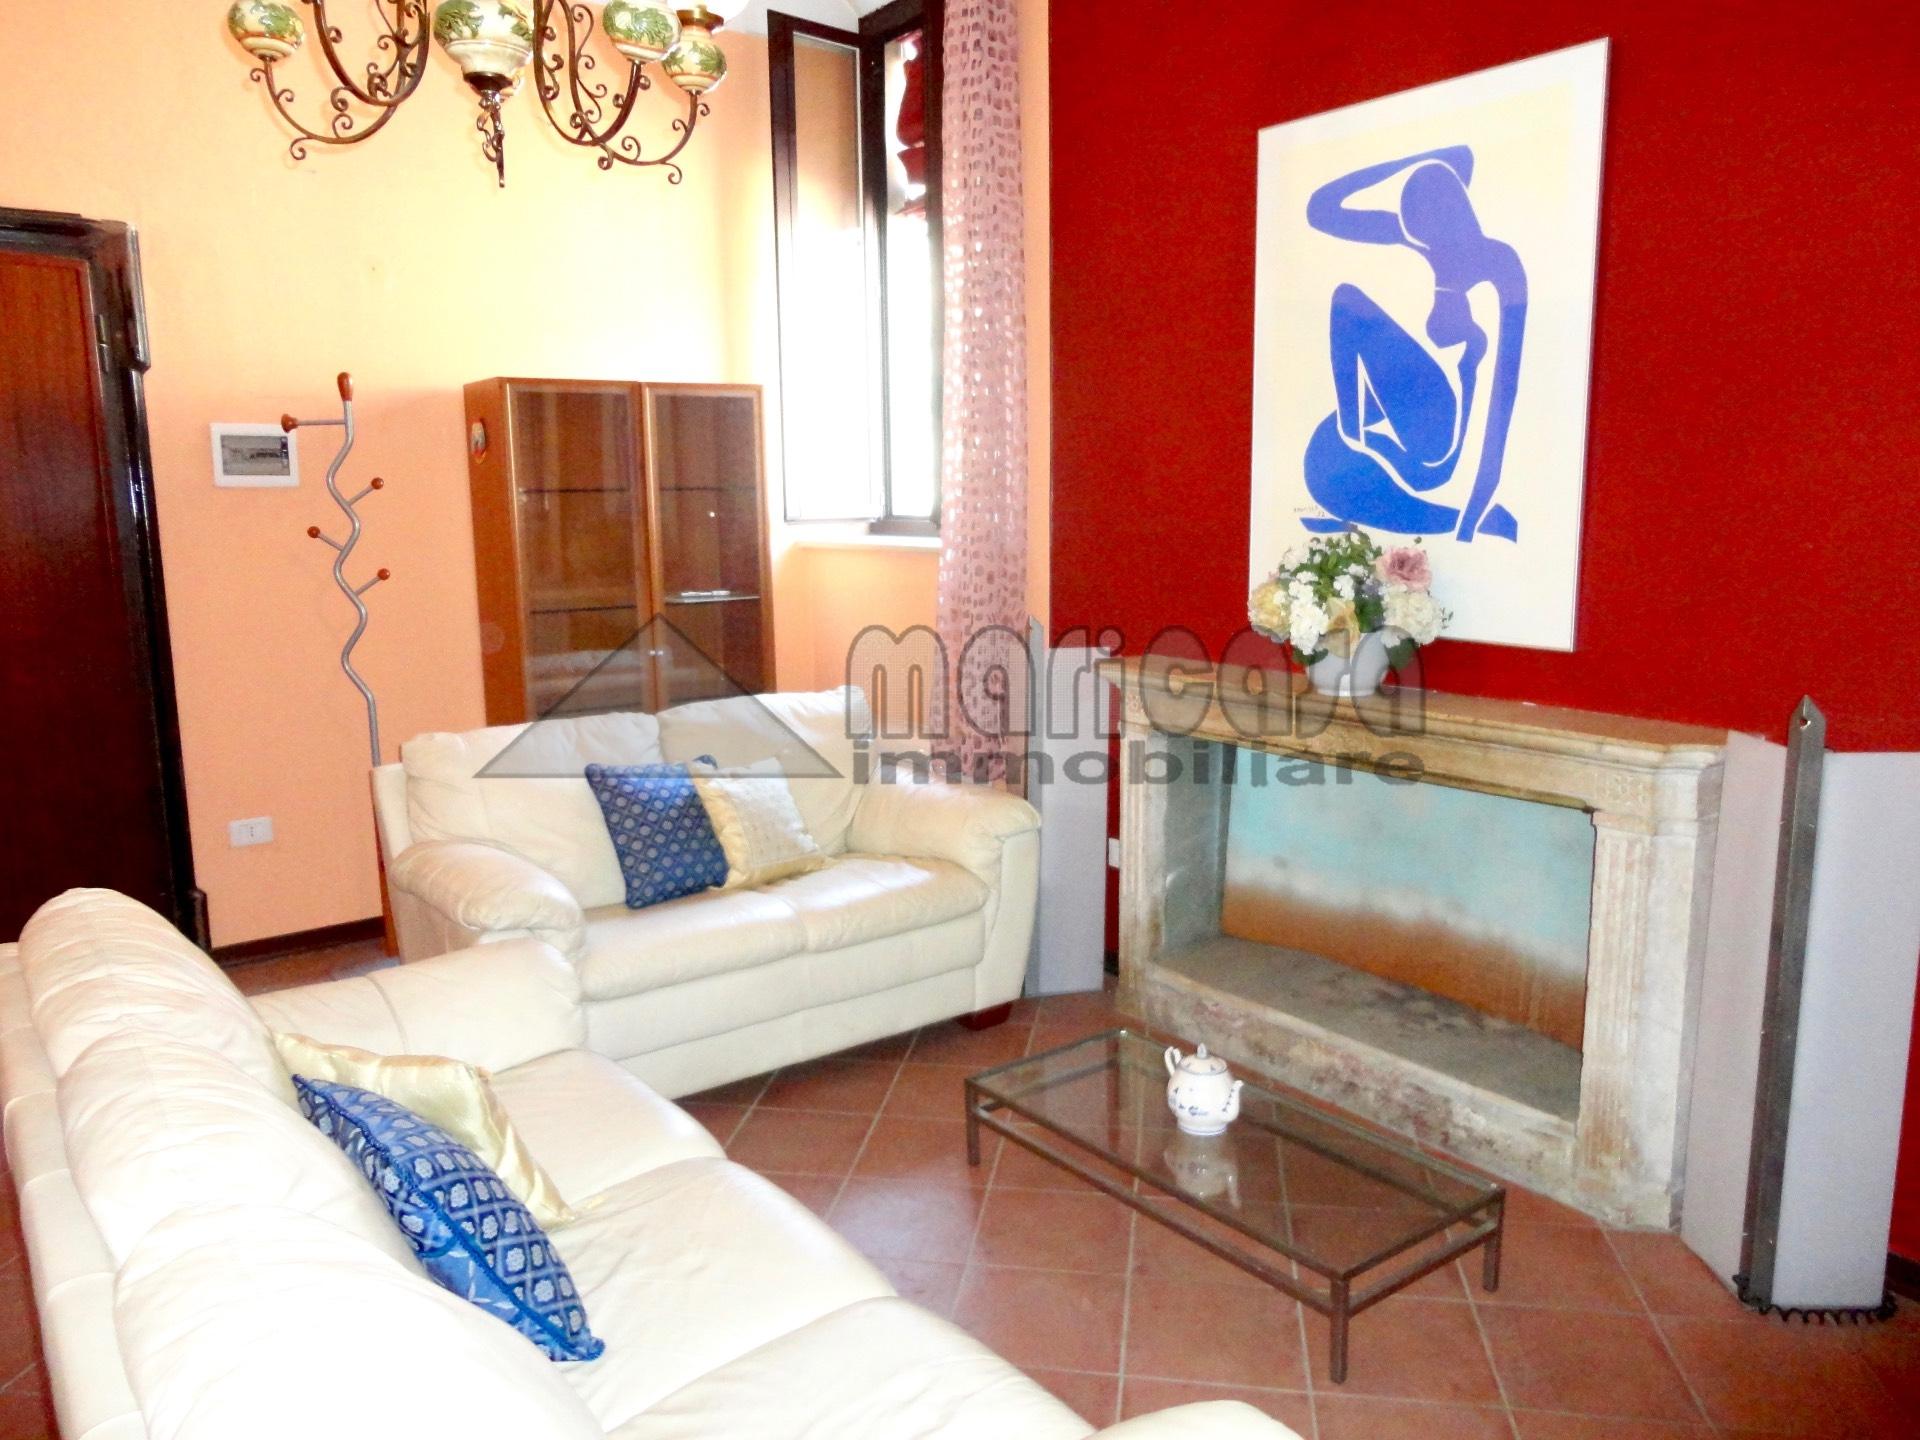 Appartamento in affitto a Ferrara, 2 locali, zona Località: EntroMura, prezzo € 450 | Cambio Casa.it